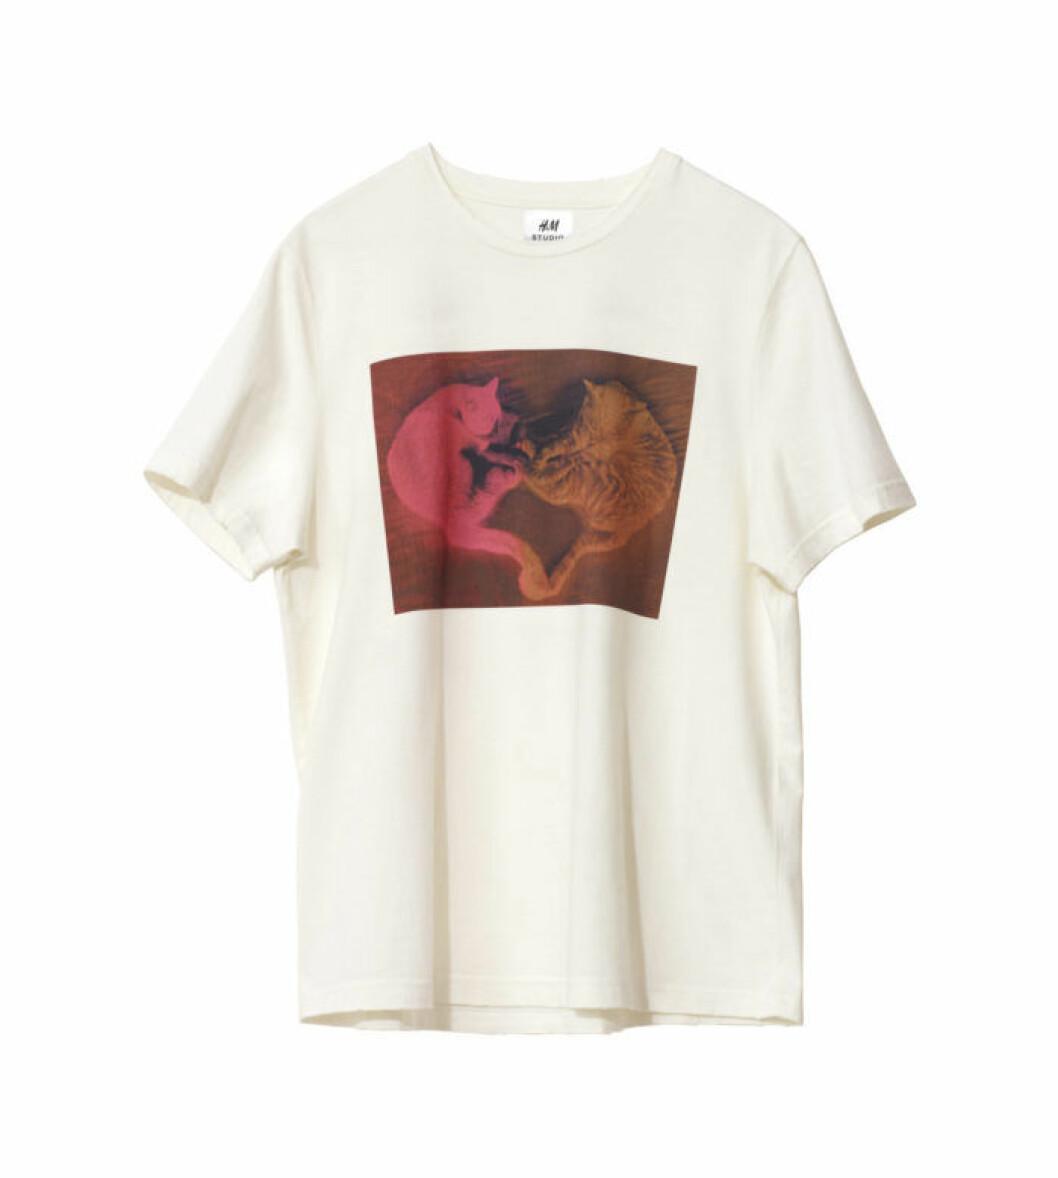 katt-tshirt h&m studio aw18